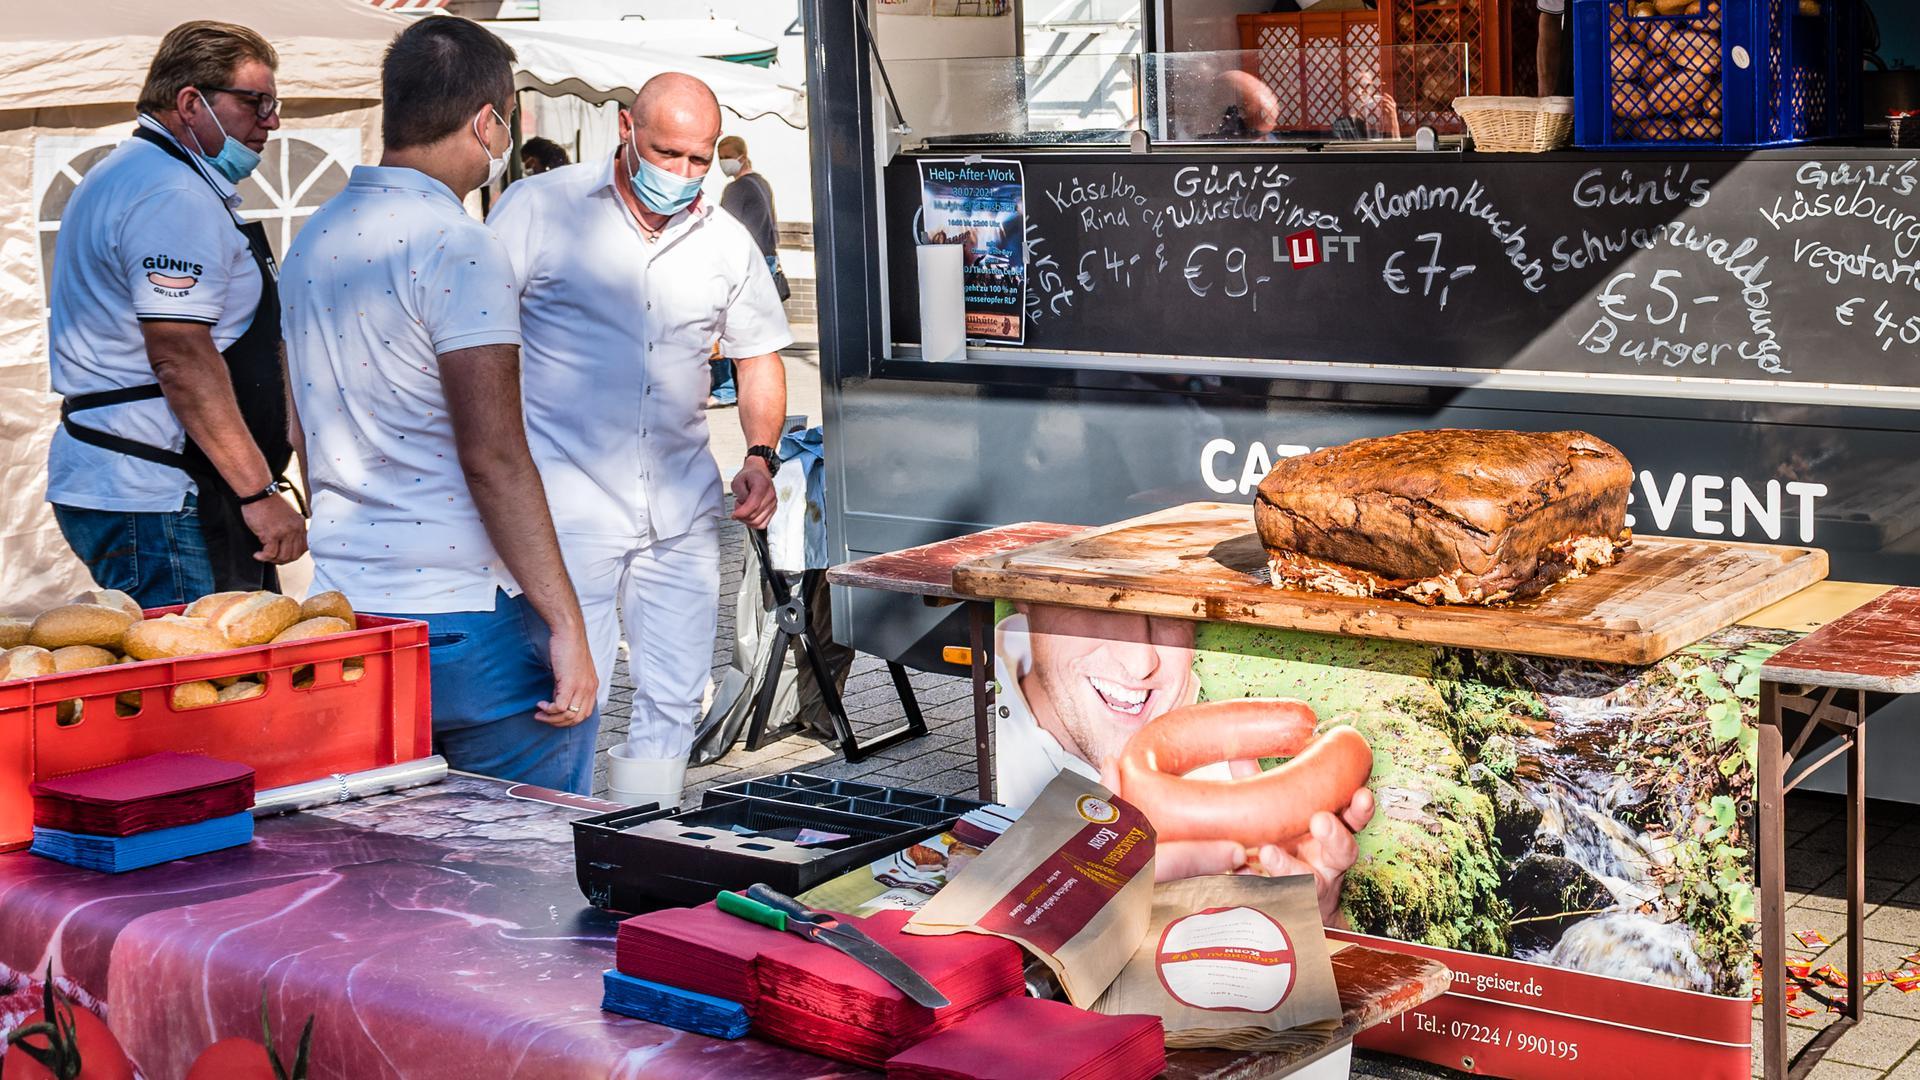 Gleich geht es los. Bürgermeister Christ (Mitte) bekommt noch von Steffen Geiser (ganz rechts) die Schürze umgebunden, und darf den Fleischkäse anschneiden.